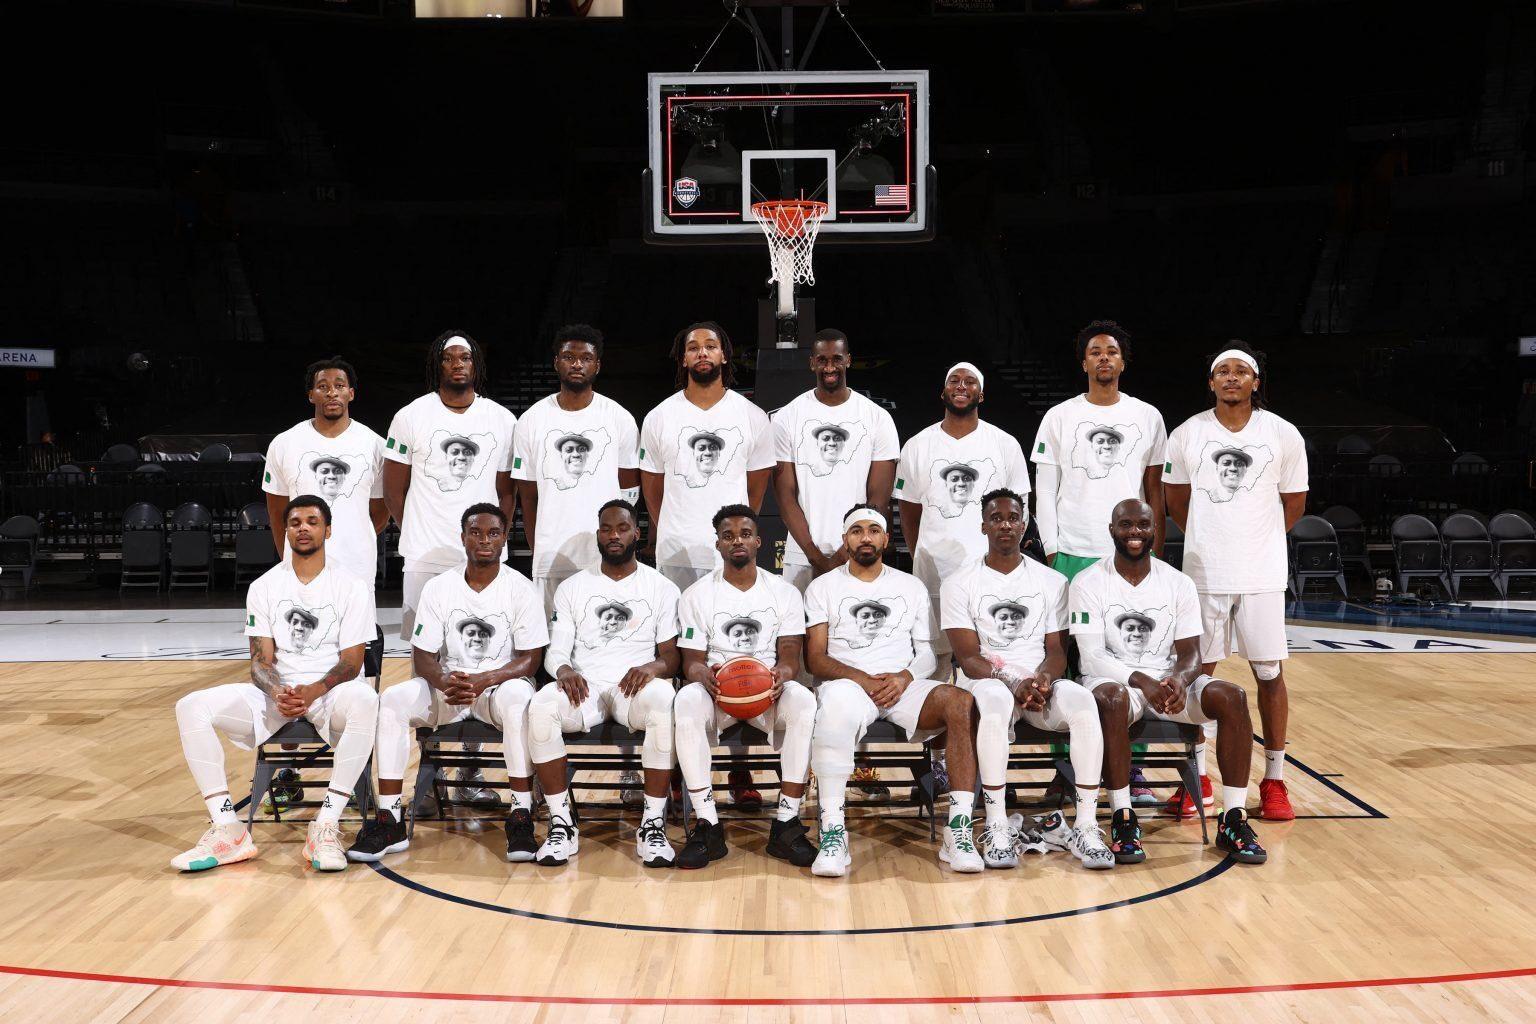 La lista de Nigeria para los Juegos Olímpicos: 12 jugadores con 8 NBA's